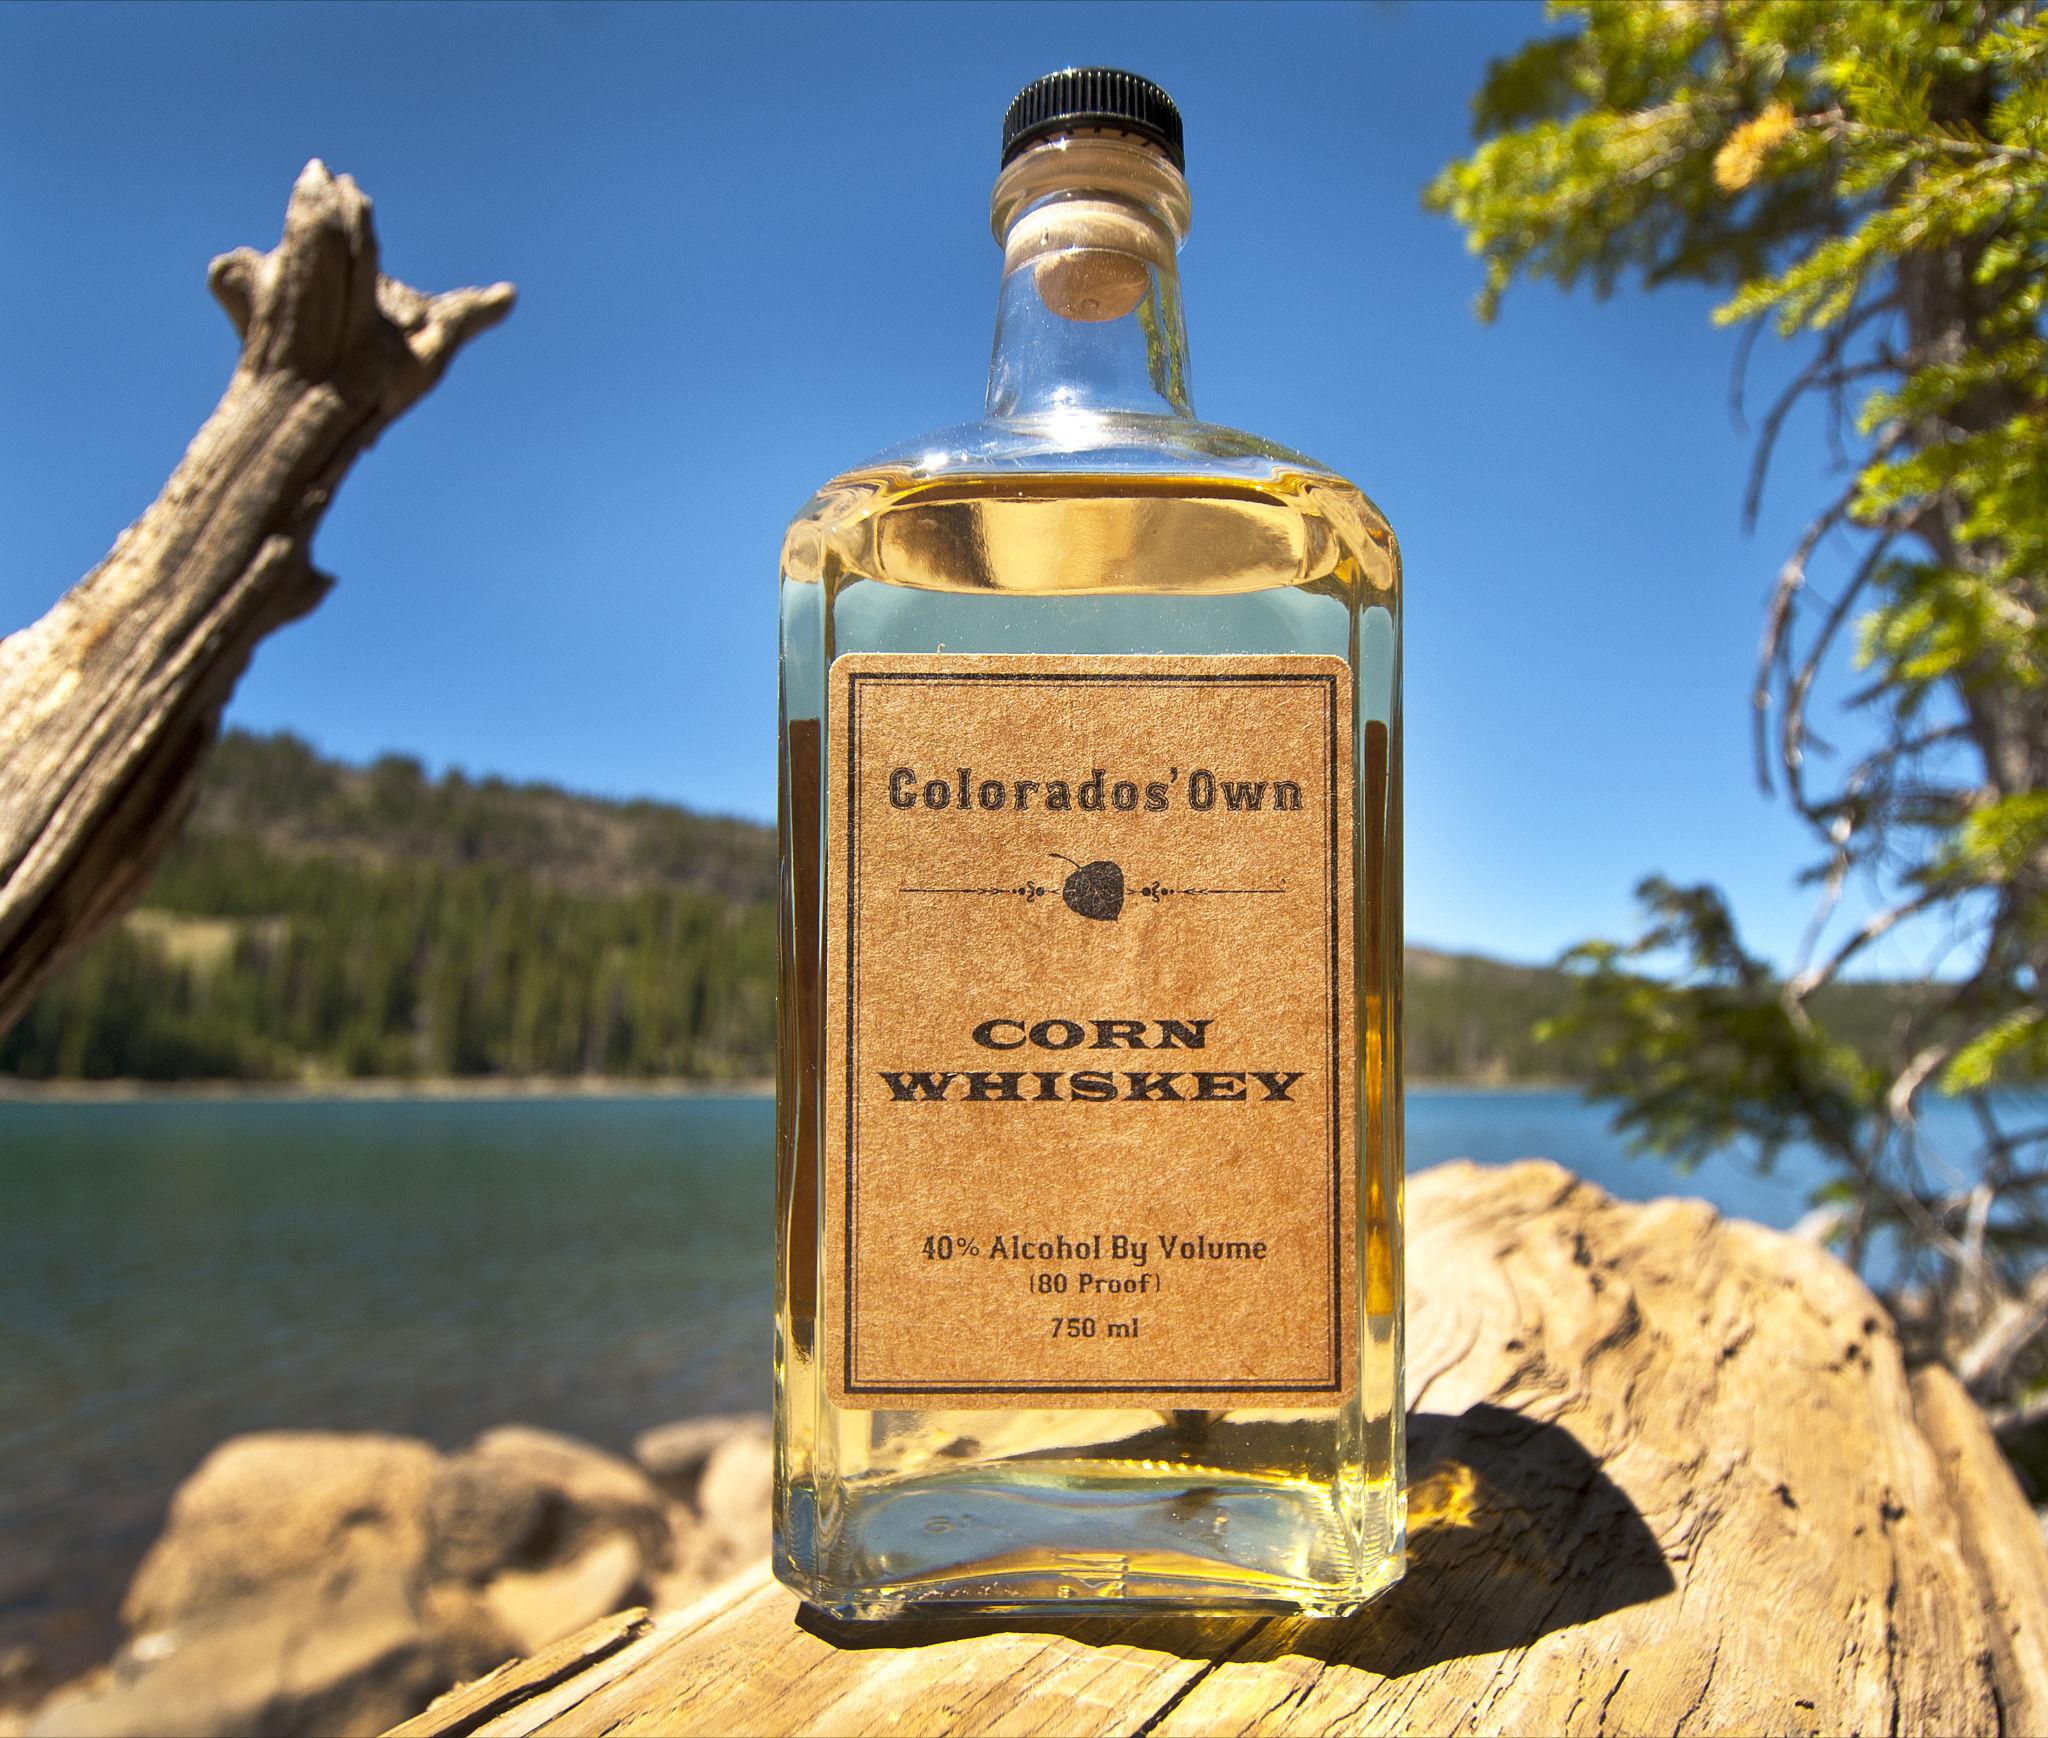 Colorado's Own Corn Whiskey